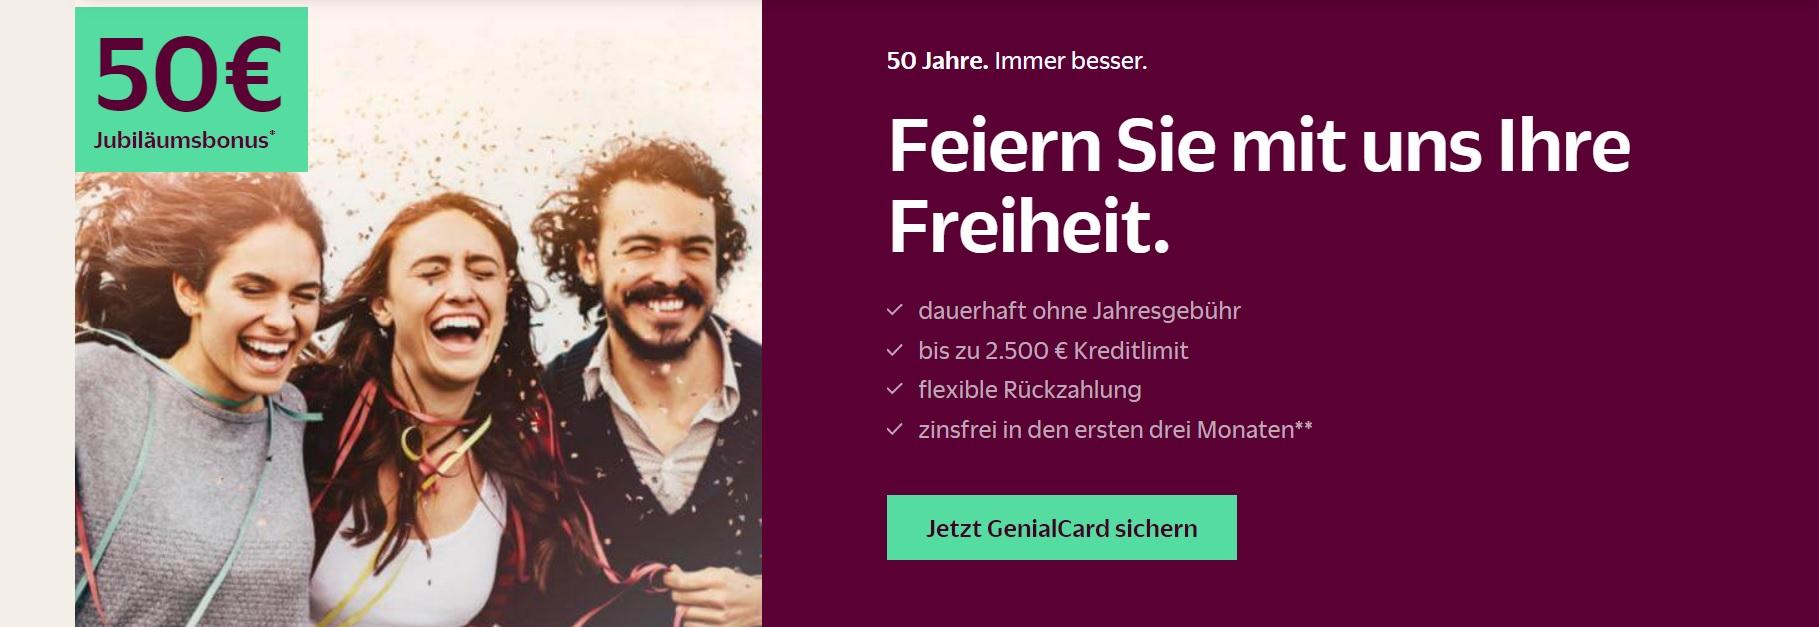 [Questler.de] Hanseatic Bank GenialCard Visa ( Keine Jahresgebühr, 3 Monate zinsfrei, Apple Pay) 50 € Startguthaben + 20 € Cashback